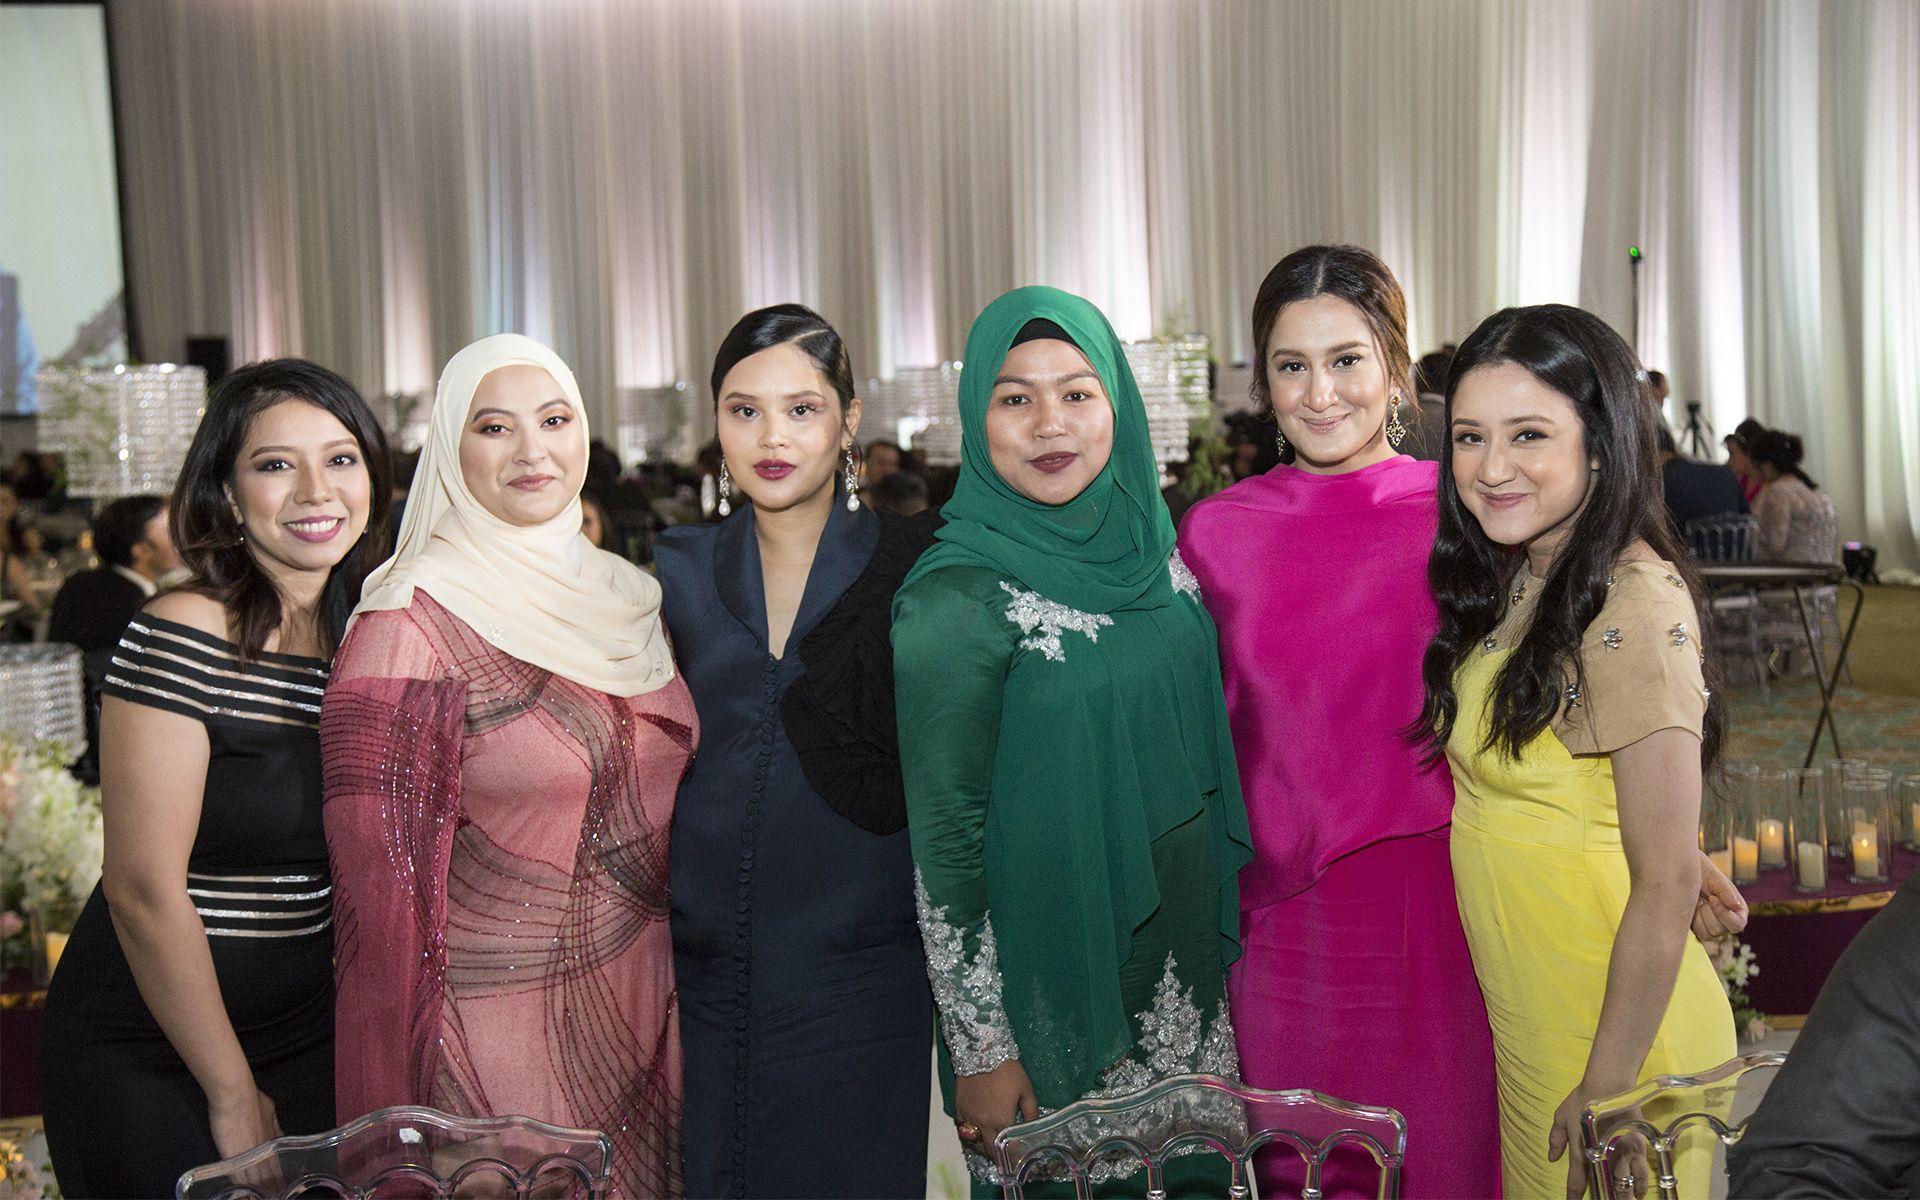 Rinee Ahmad Sean, Farah Fusil, Alia Alizar, Ema Zaghlol, Farahana Azmin and Fara Alyaa Azmin